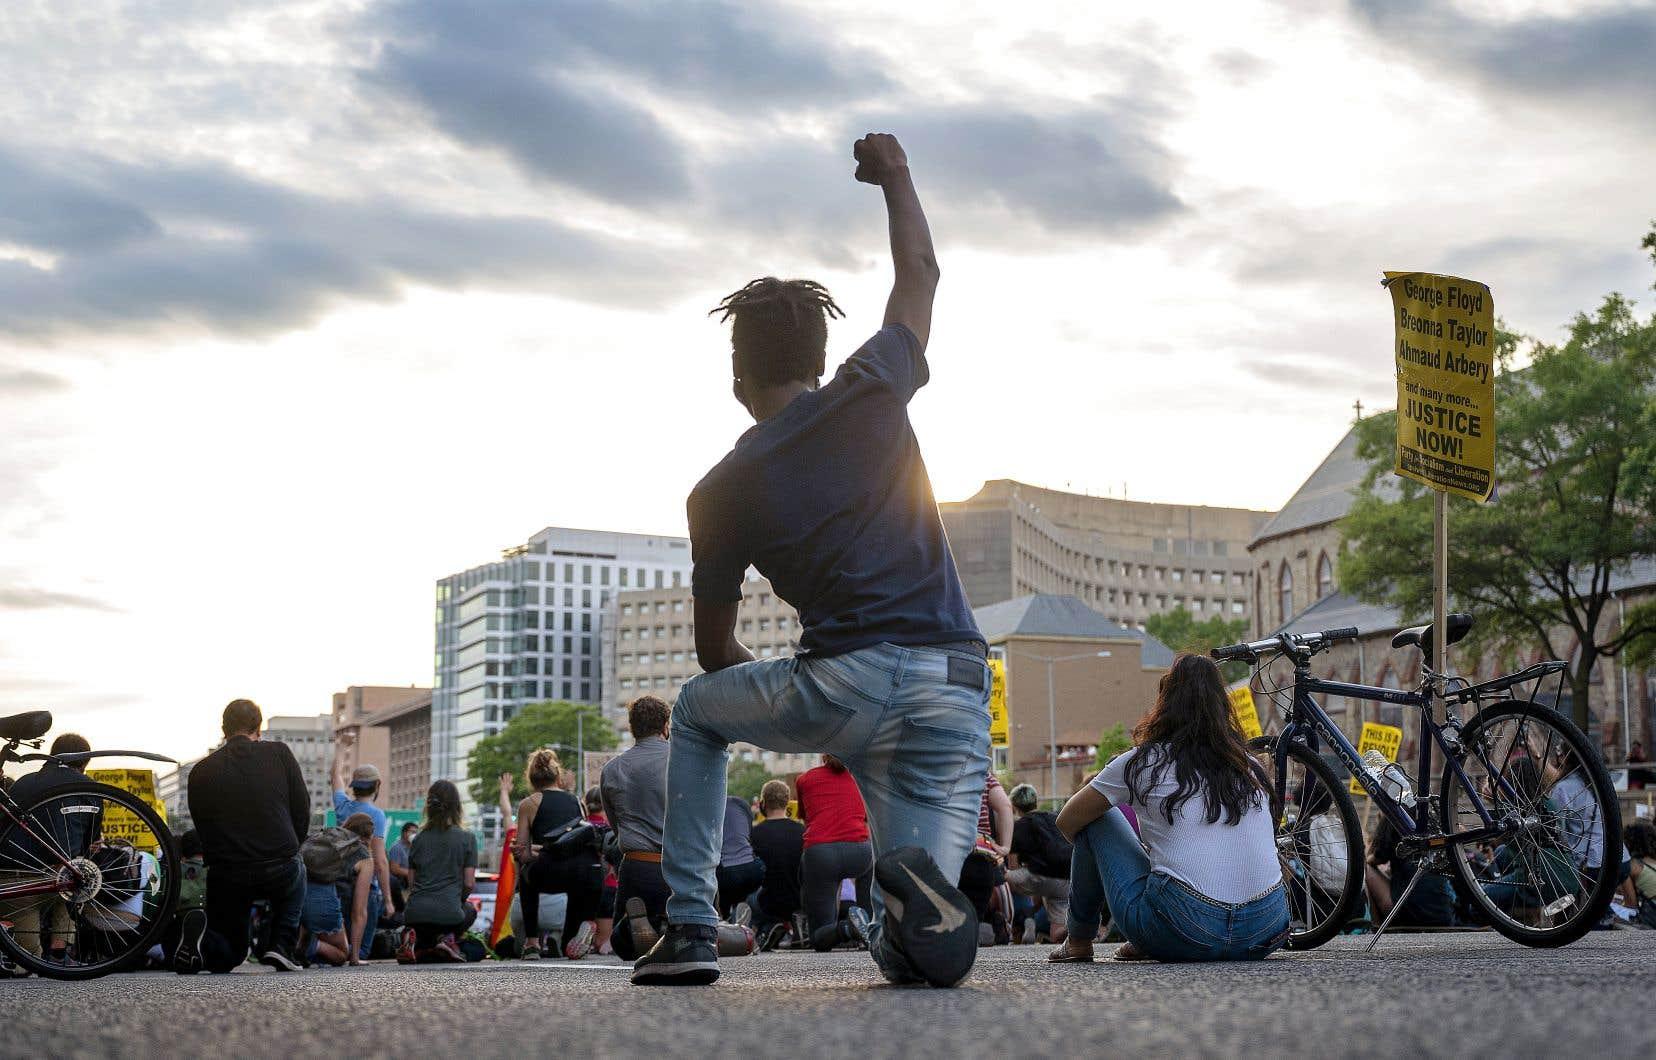 Le décès de George Floyd, un Noir mort asphyxié sous le genou d'un policier blanc le 25 mai, a fait naître à travers les États-Unis la plus forte mobilisation depuis le mouvement pour les droits civiques dans les années 1960.